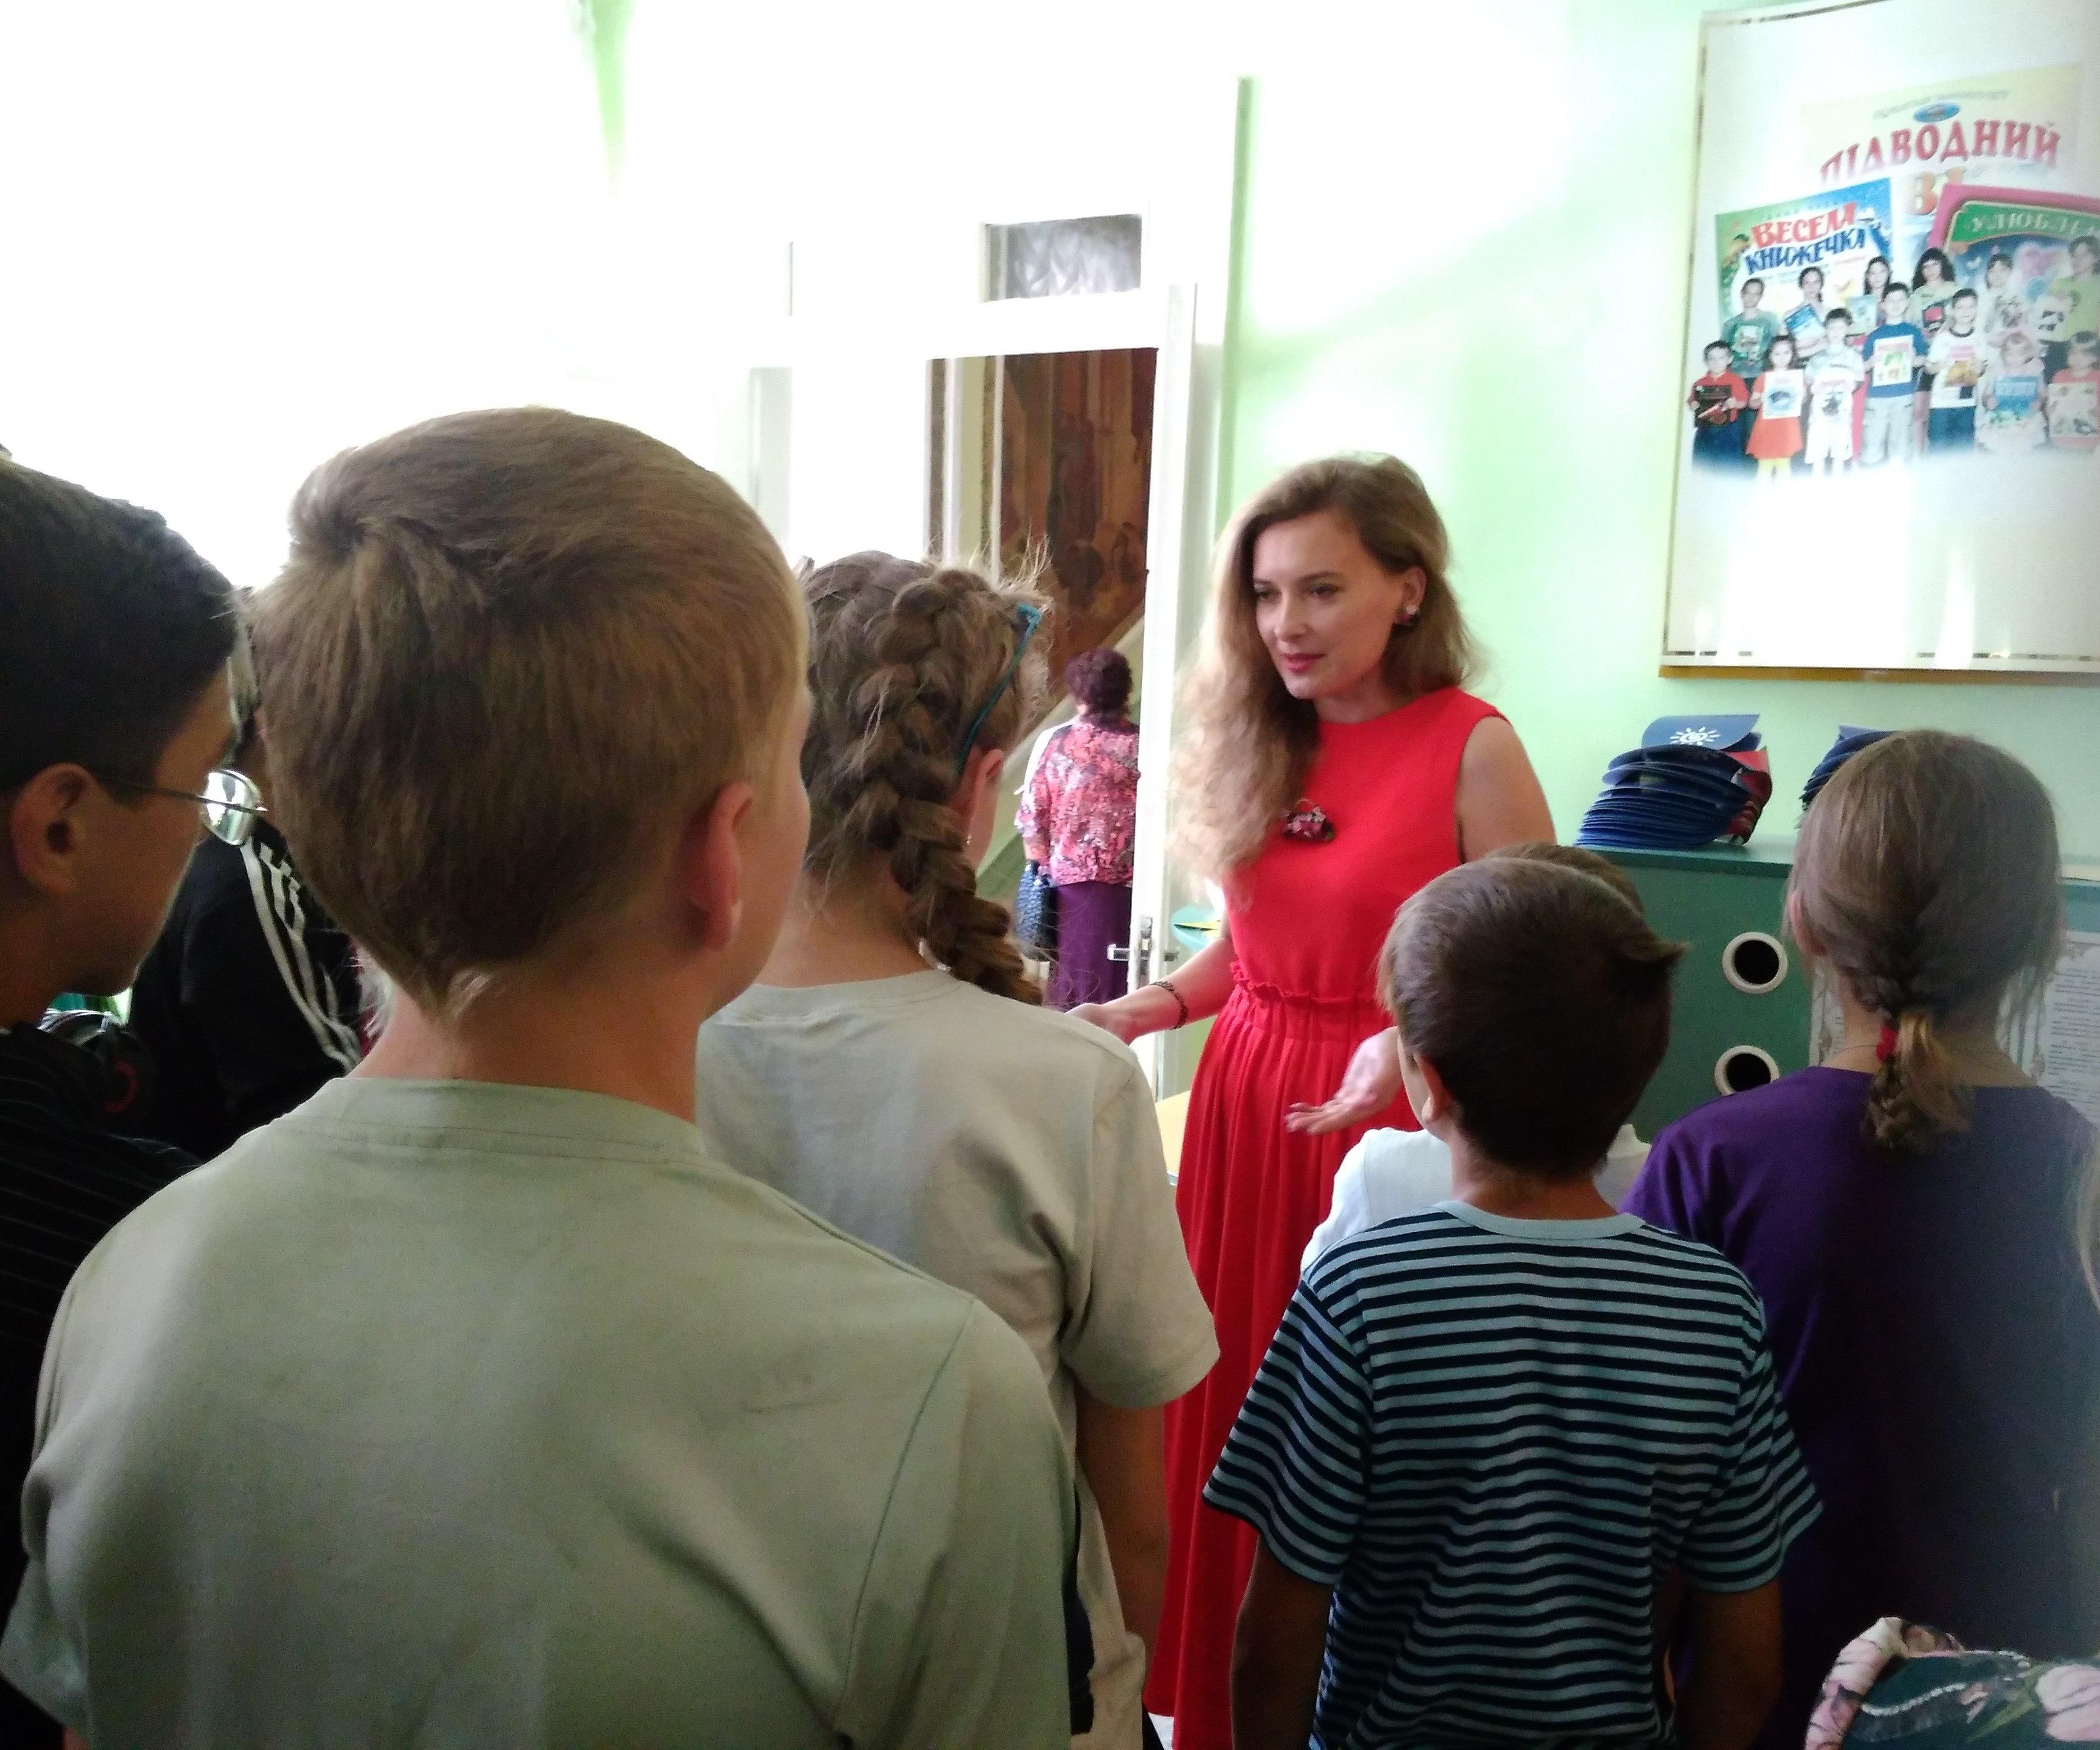 донецкая республиканская библиотека для детей, гуманитарная программа по воссоединению народа донбасса, литературное путешествие, сказочный мультсалон